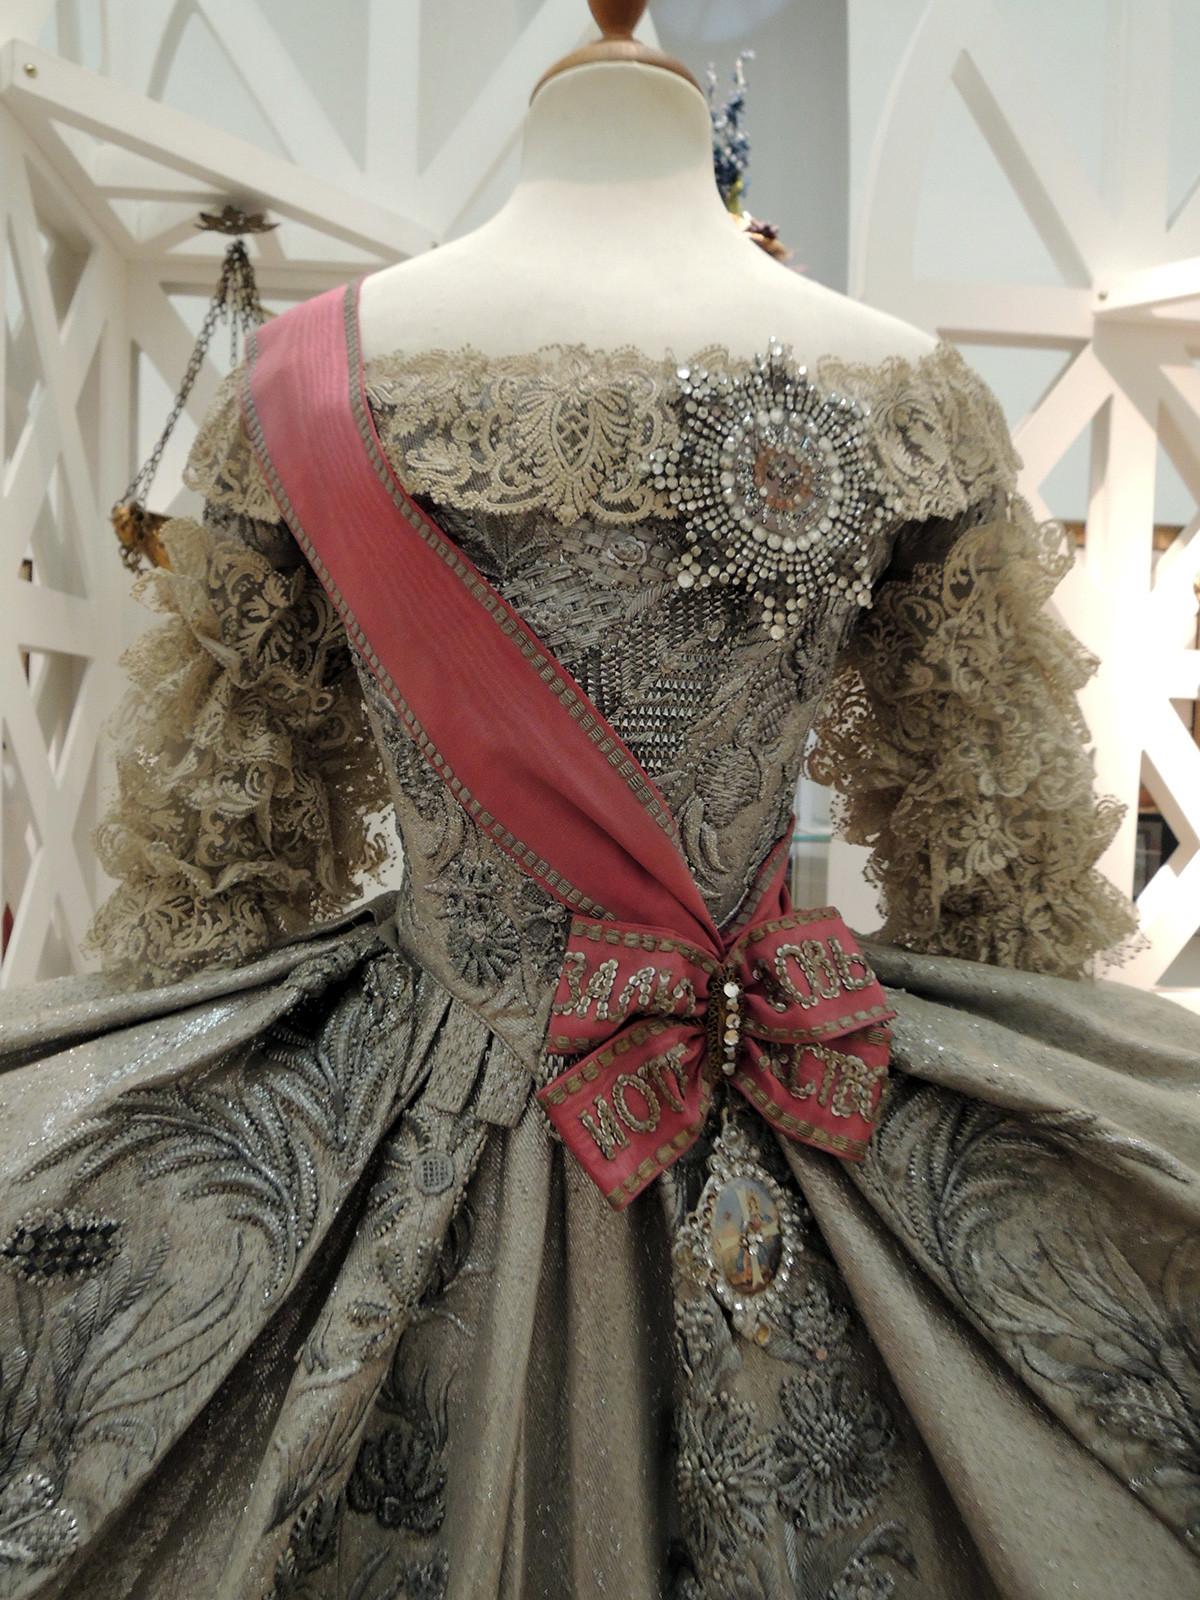 エカテリーナ・アレクセーエヴナ(エカテリーナ2世)のウエディングドレスのレプリカ。